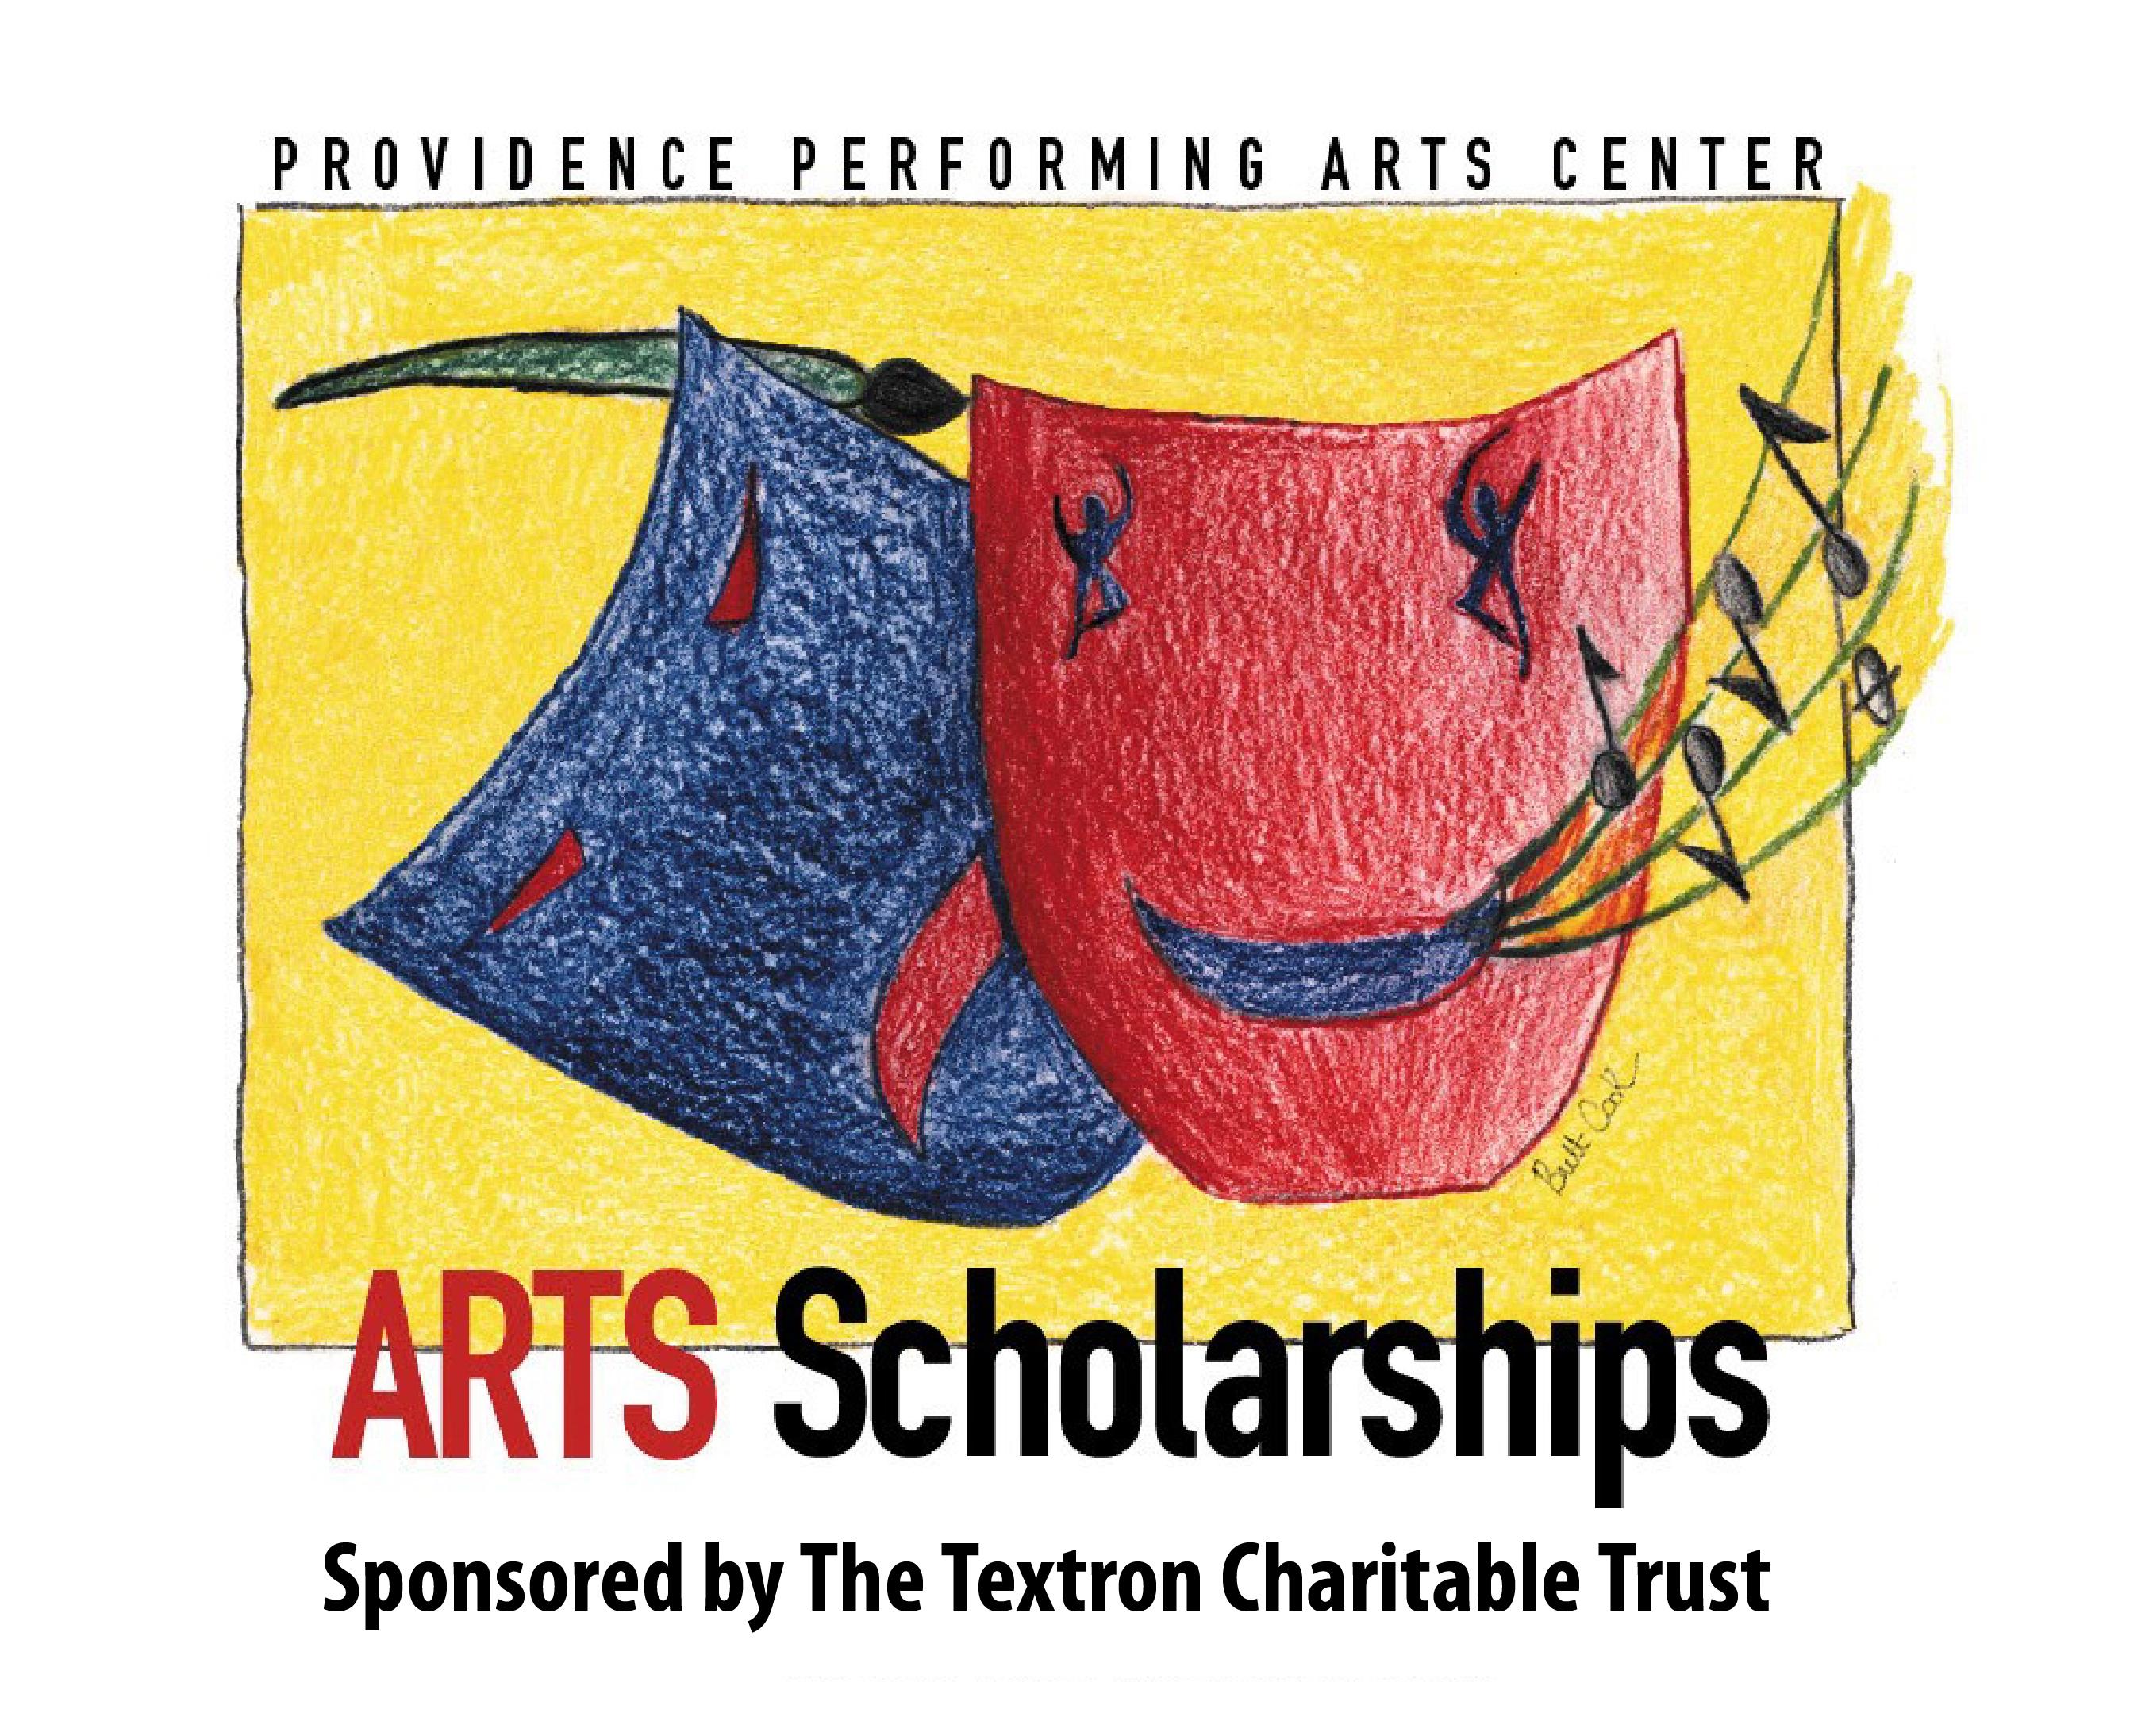 ARTSscholarship logo.jpg